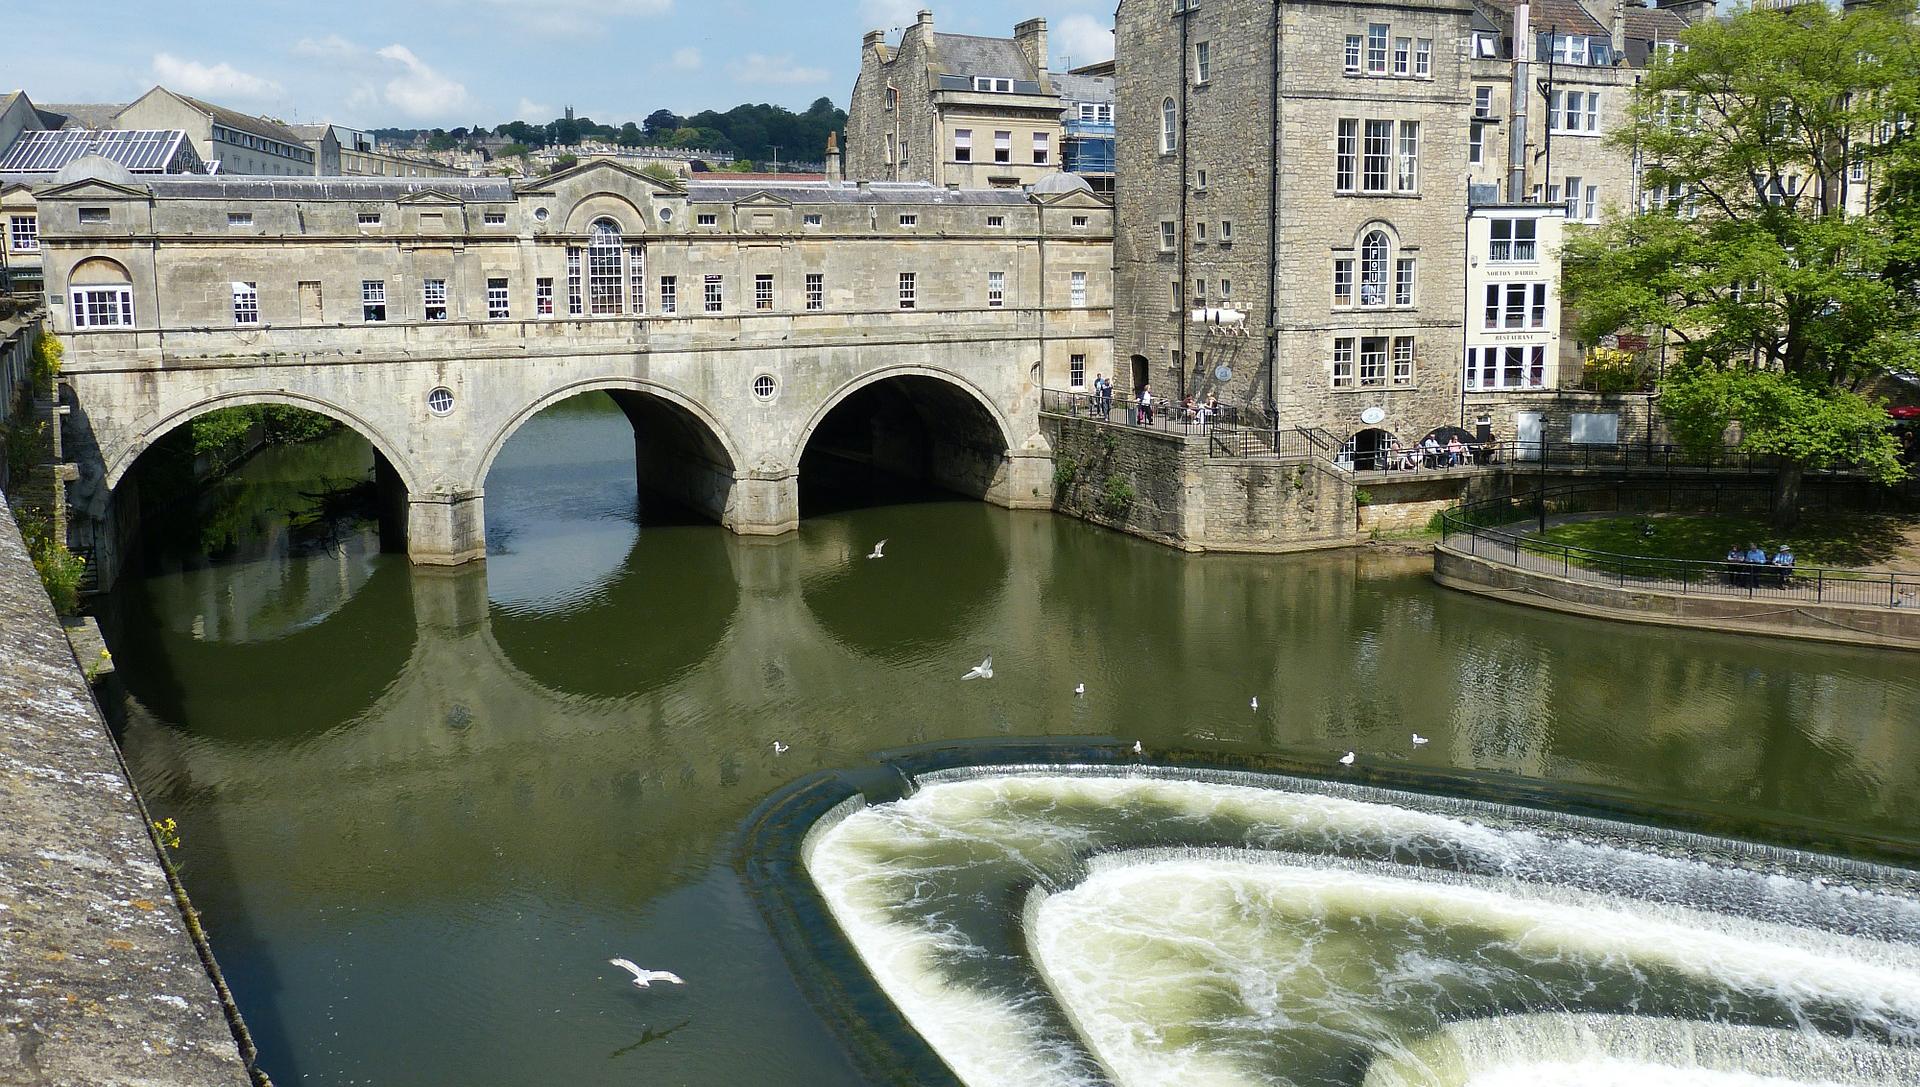 Pulteney bridge and weir in Bath.